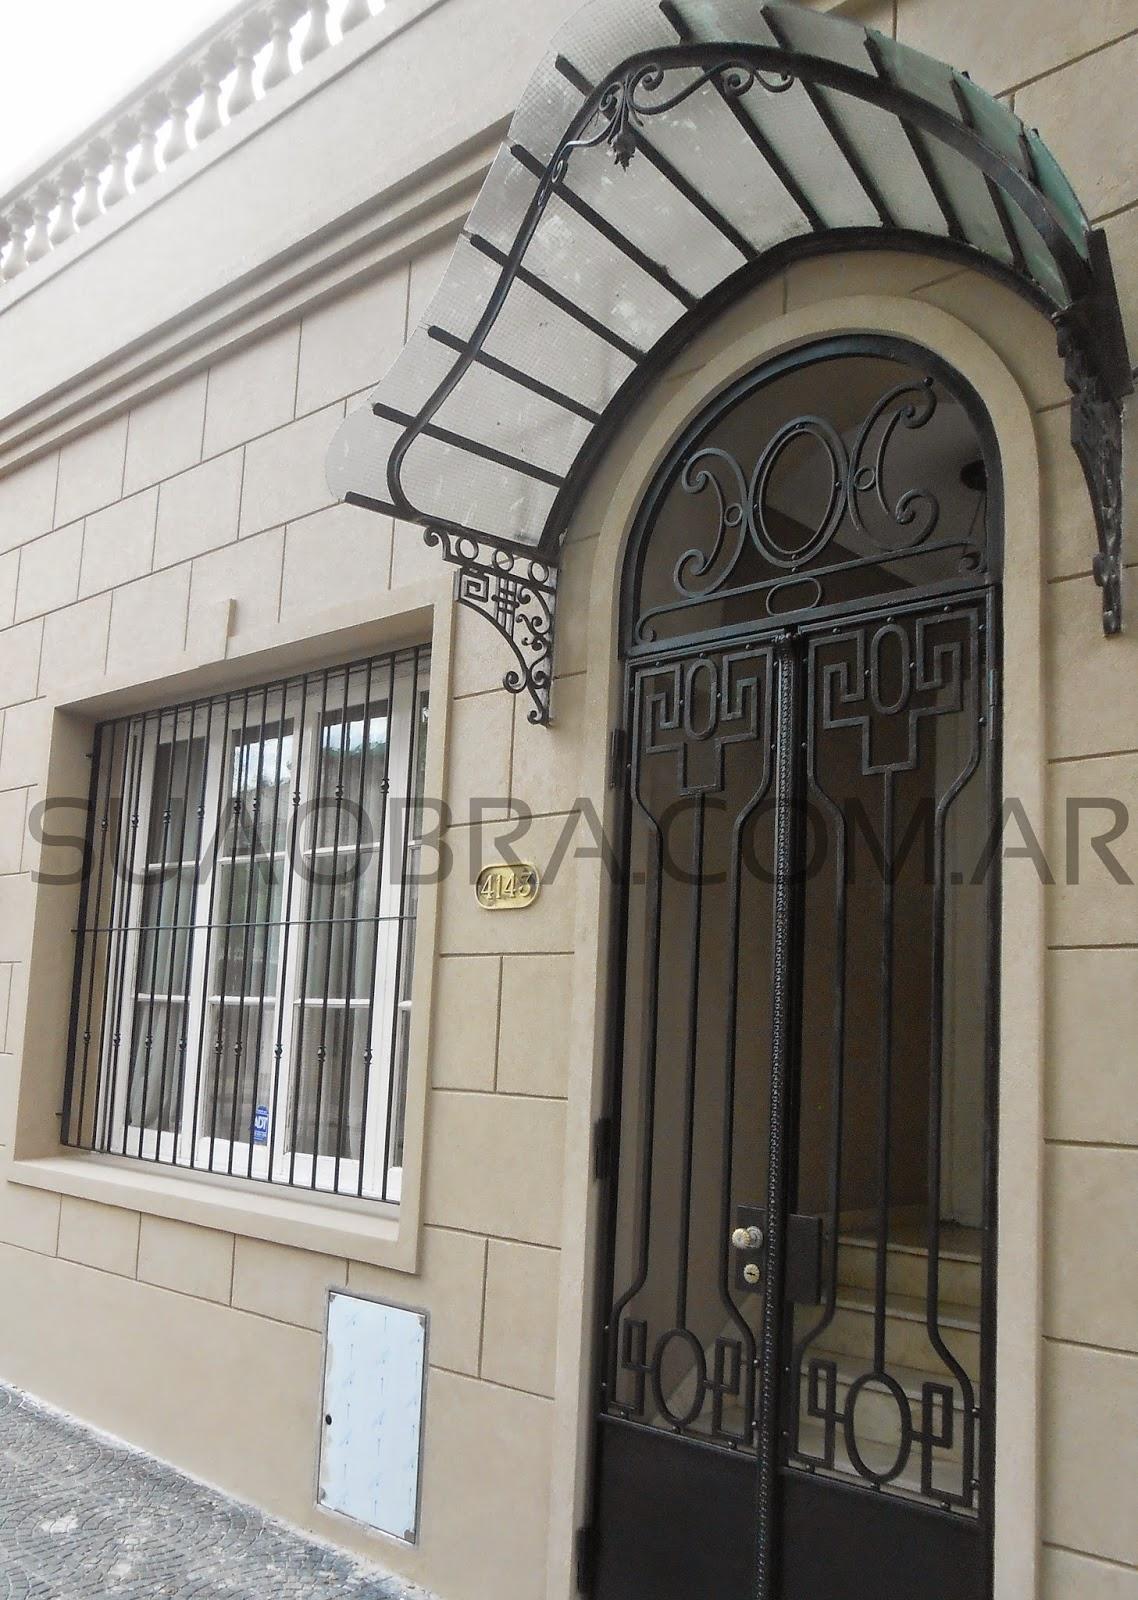 Renovaci n de fachada con revoque plastico sobre - Revestimientos de fachadas precios ...